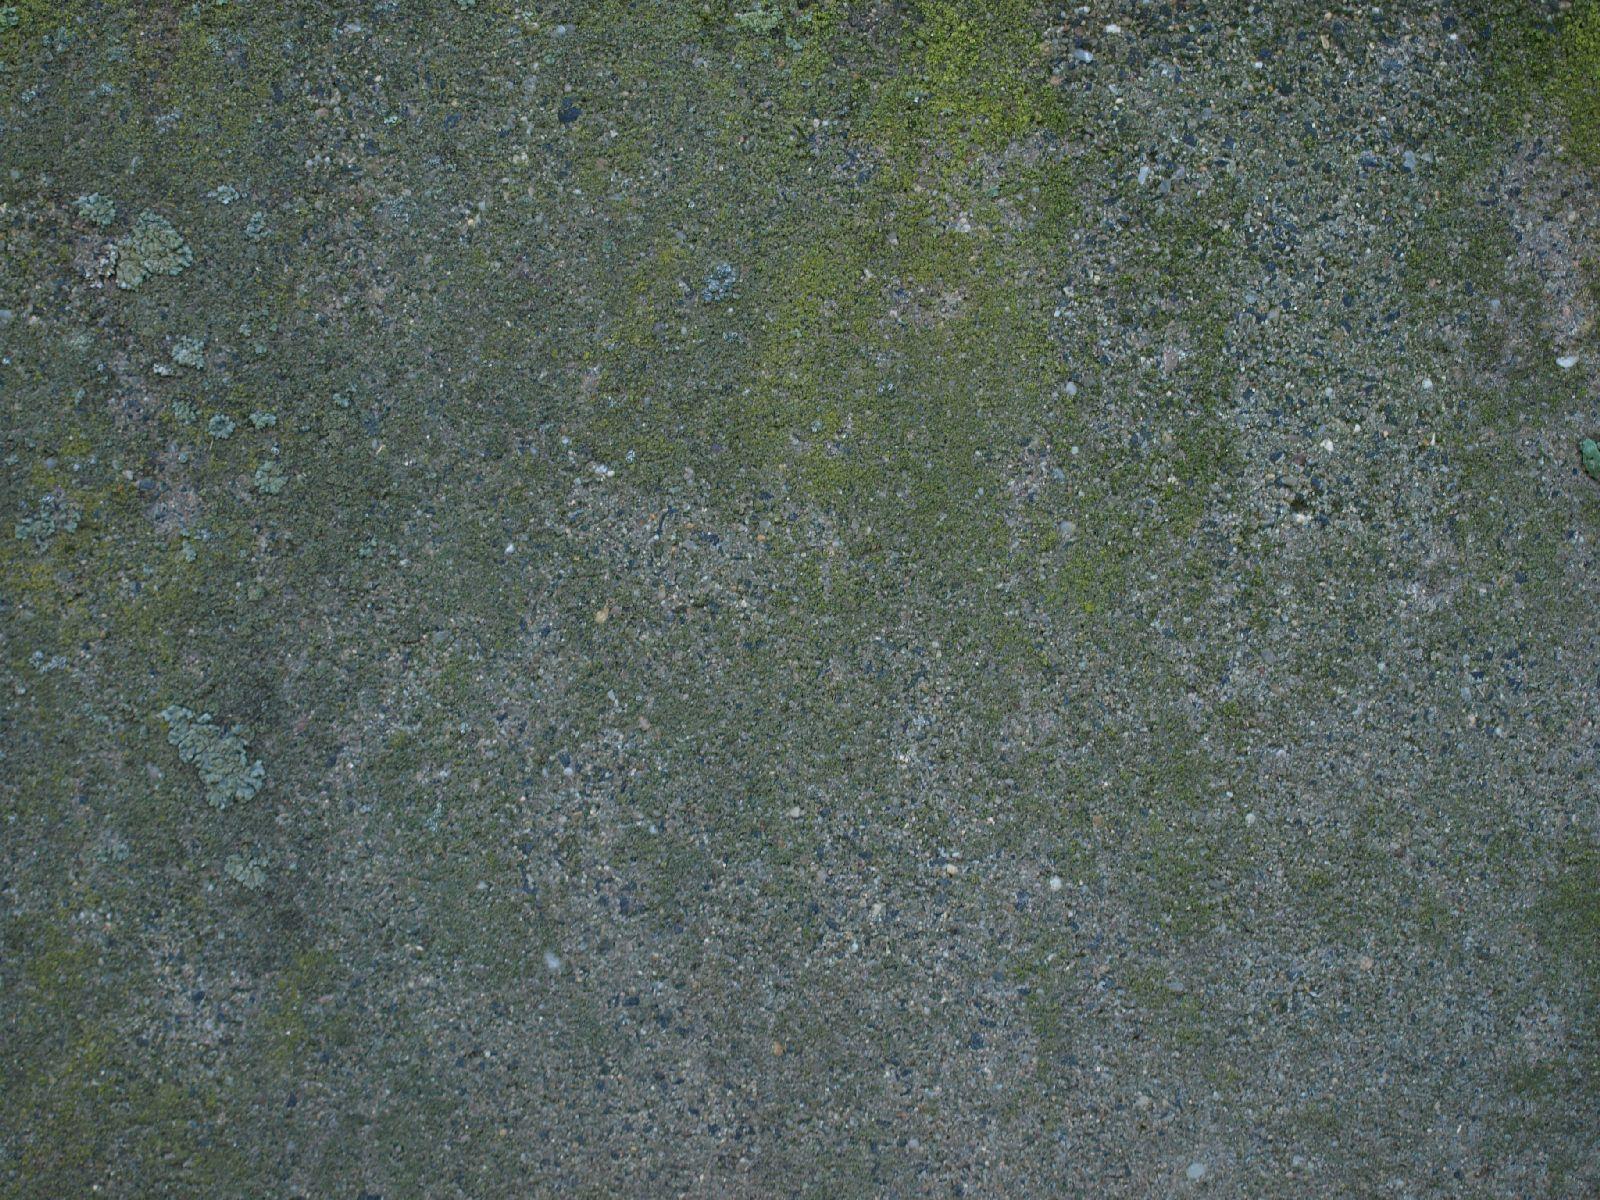 Grunge-Dreck_Textur_A_P9209727